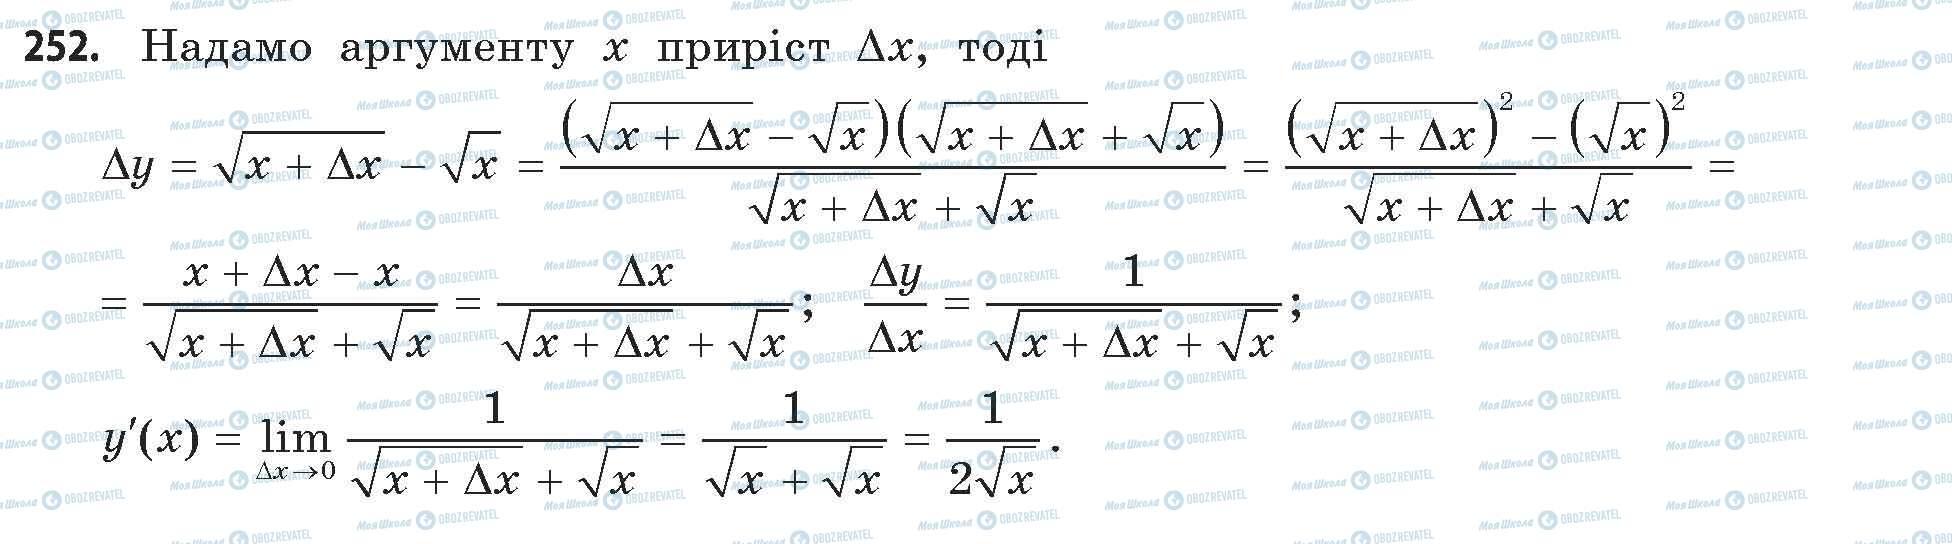 ГДЗ Математика 11 клас сторінка 252